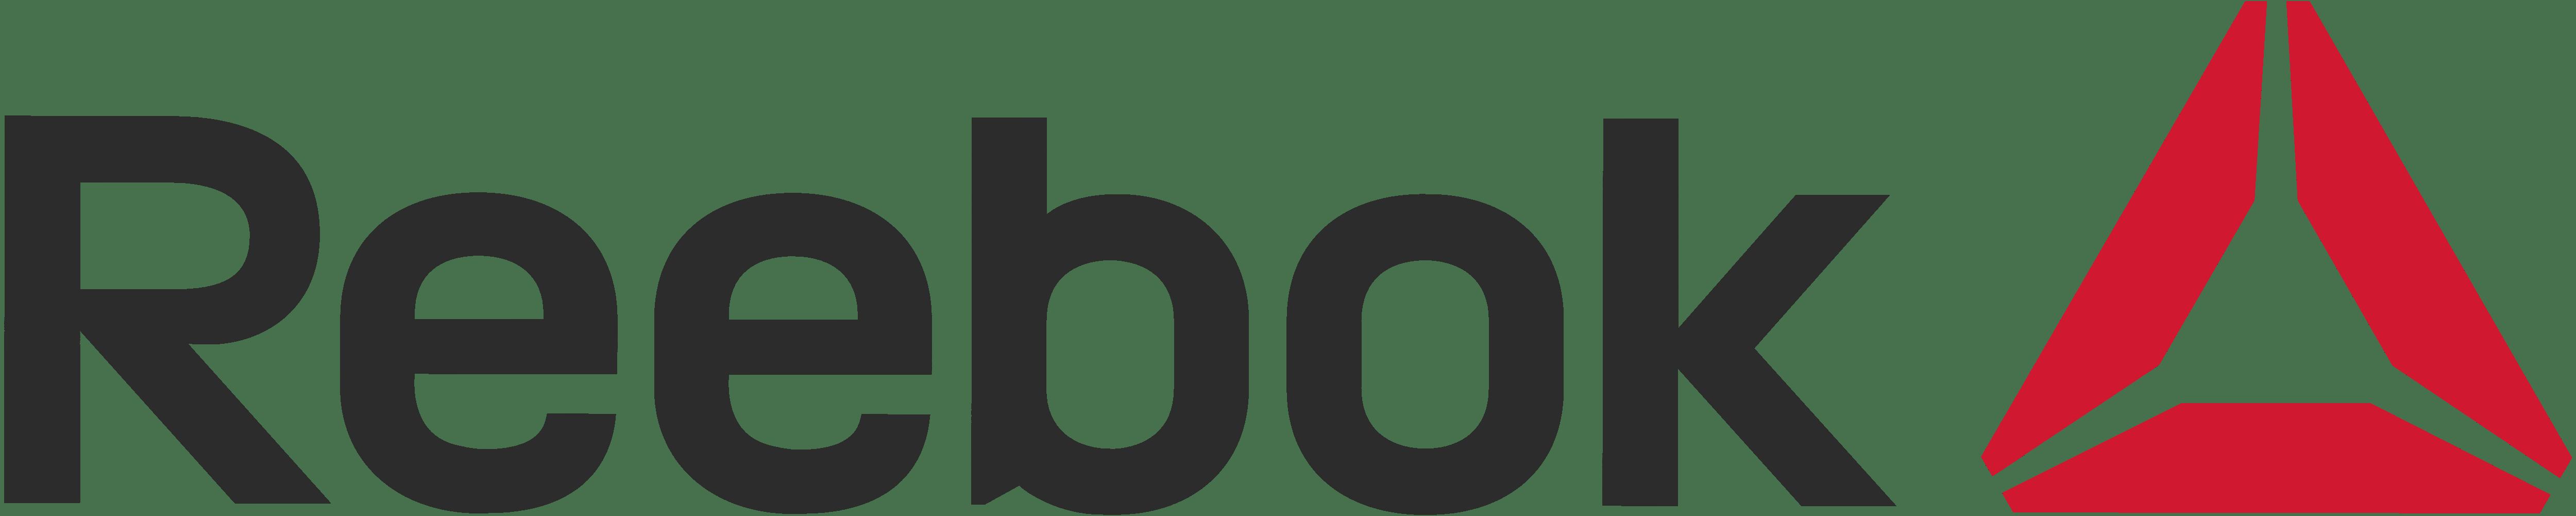 Reebok Logo PNG Transparent Reebok Logo.PNG Images..